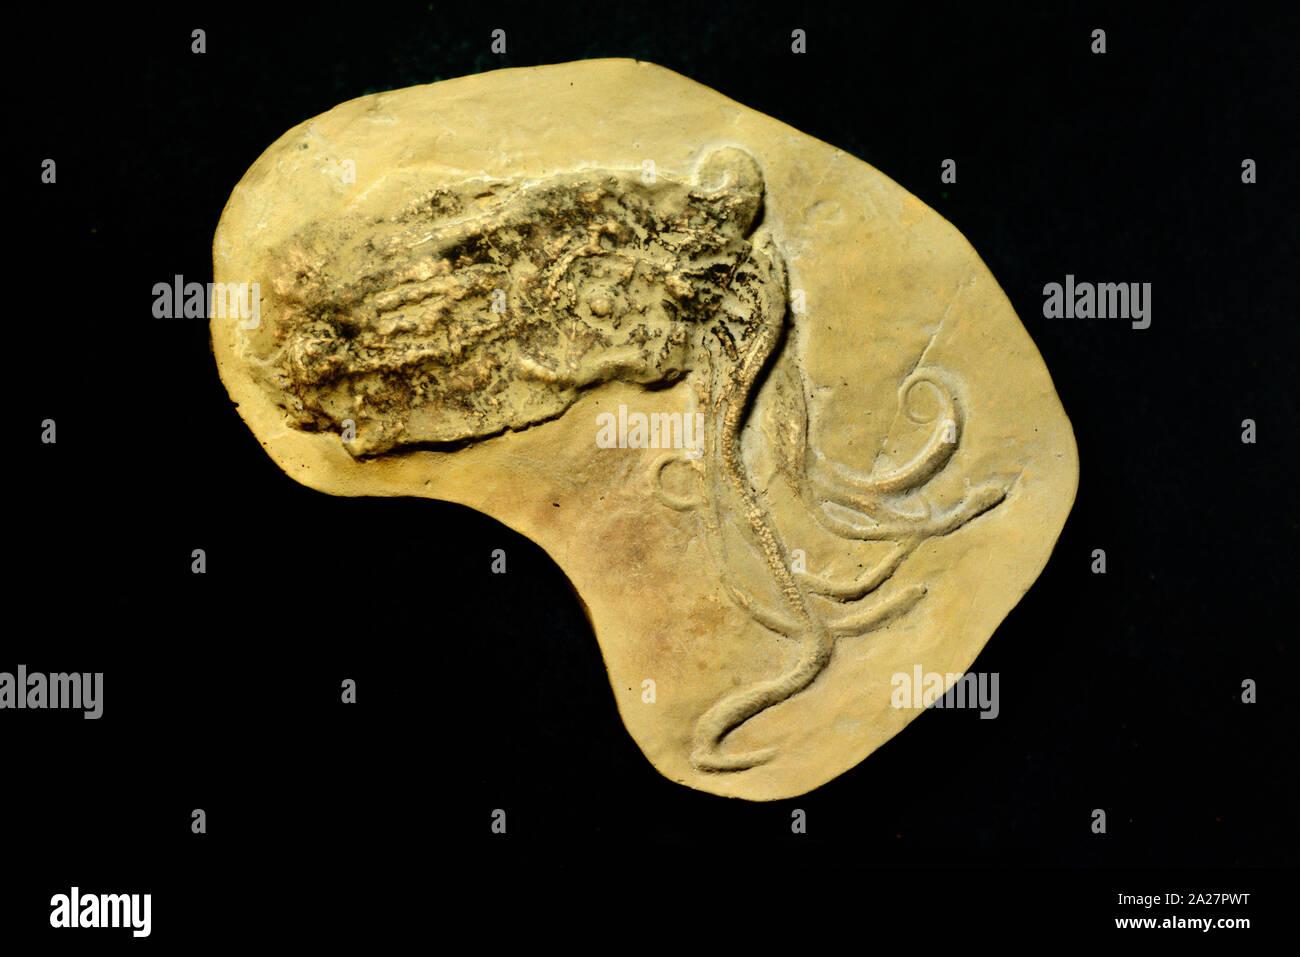 Ribeti Proteroctopus fósil, un extinto Octopod primitivo o pulpo de la época jurásica 160MA encontrados en la región de Ardèche France Foto de stock